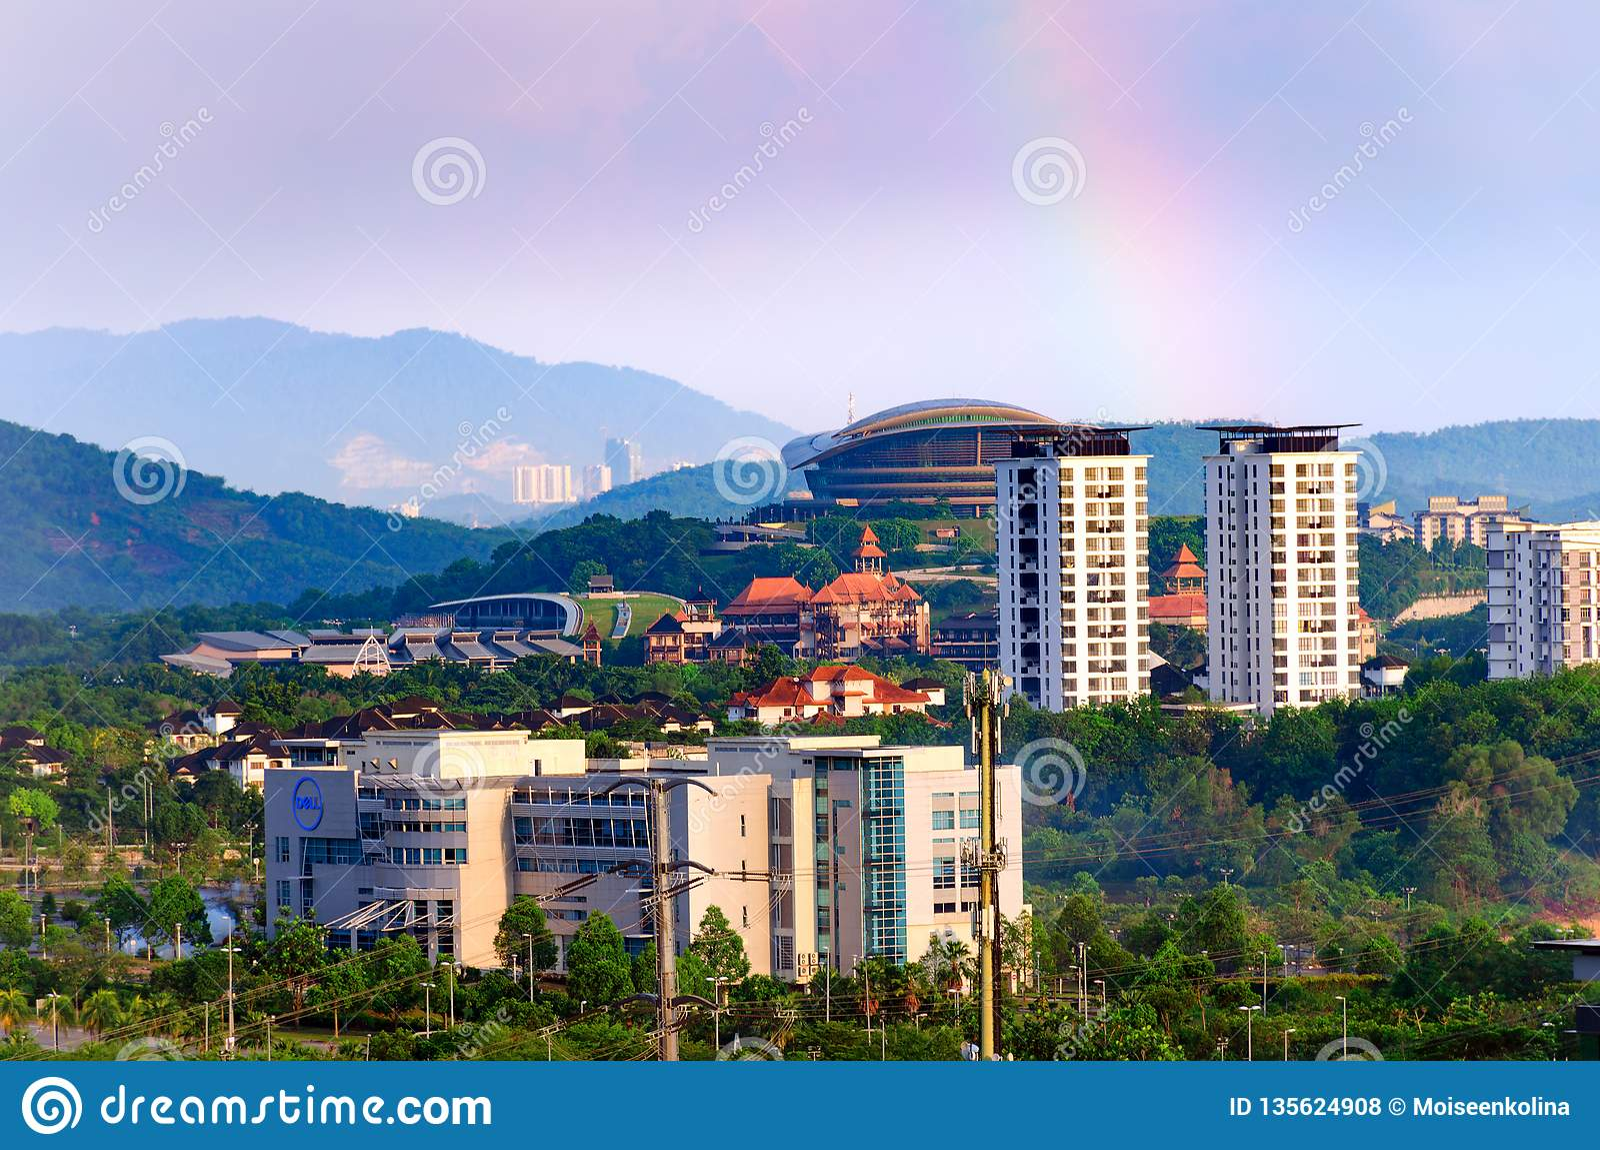 Edificio de oficinas de Dell del paisaje urbano, edificios altos, en el paisaje de Putrajaya del primero plano